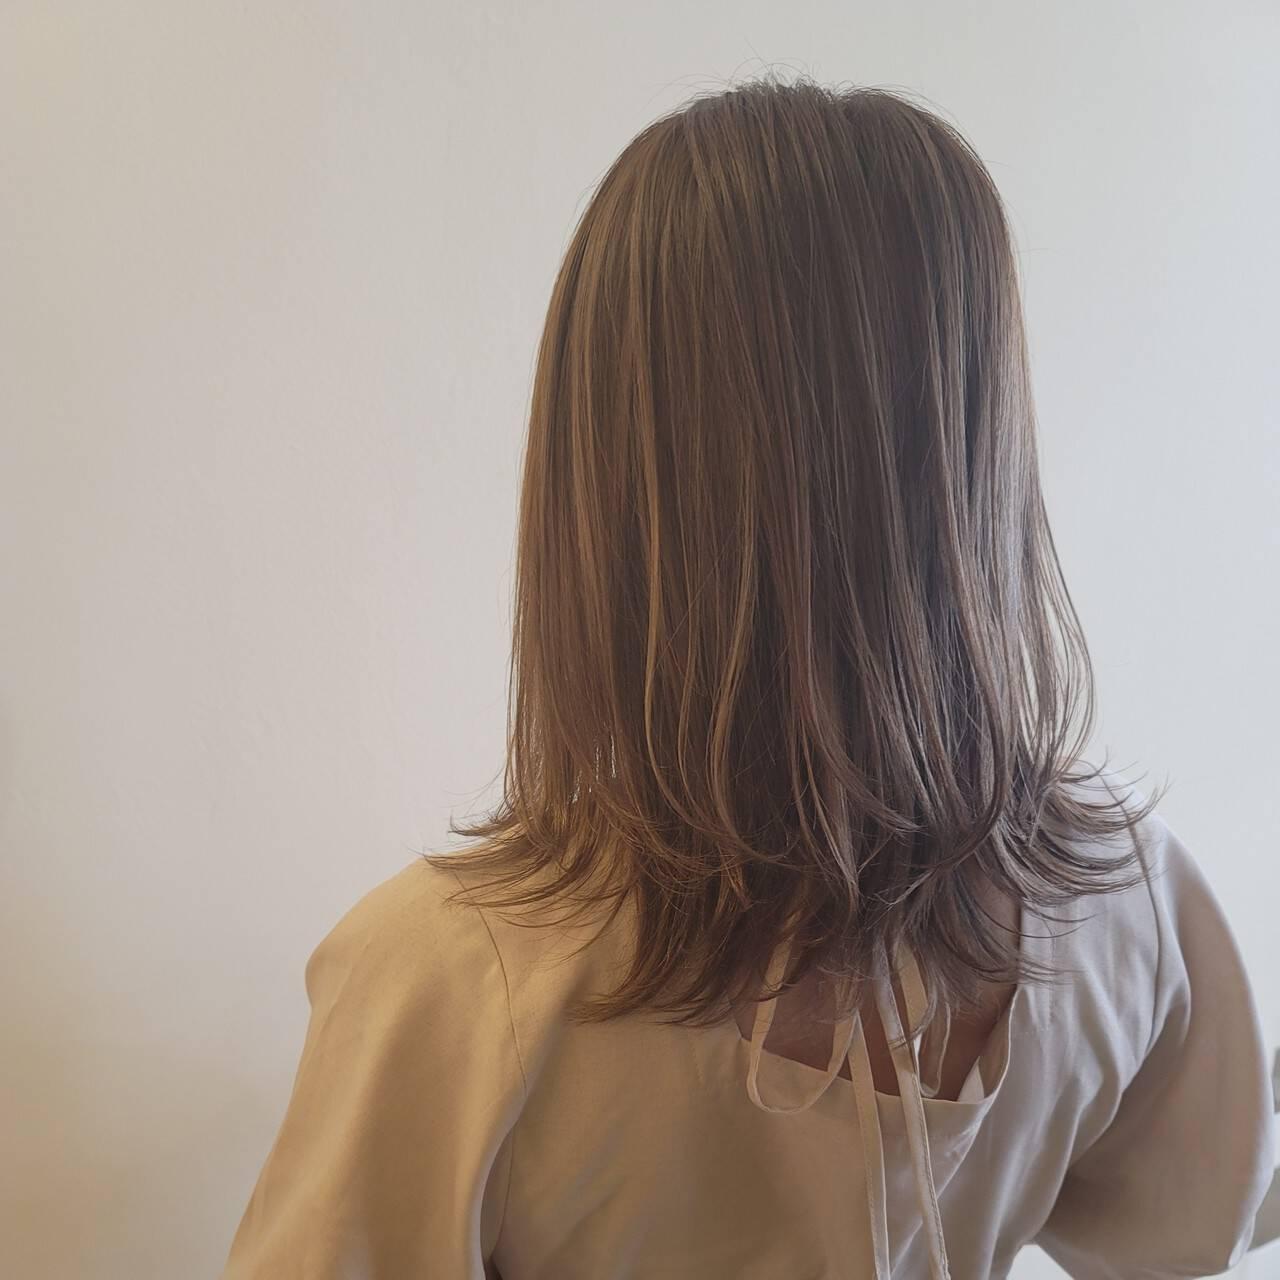 フェミニン ハイライト セミロング ミルクティーベージュヘアスタイルや髪型の写真・画像